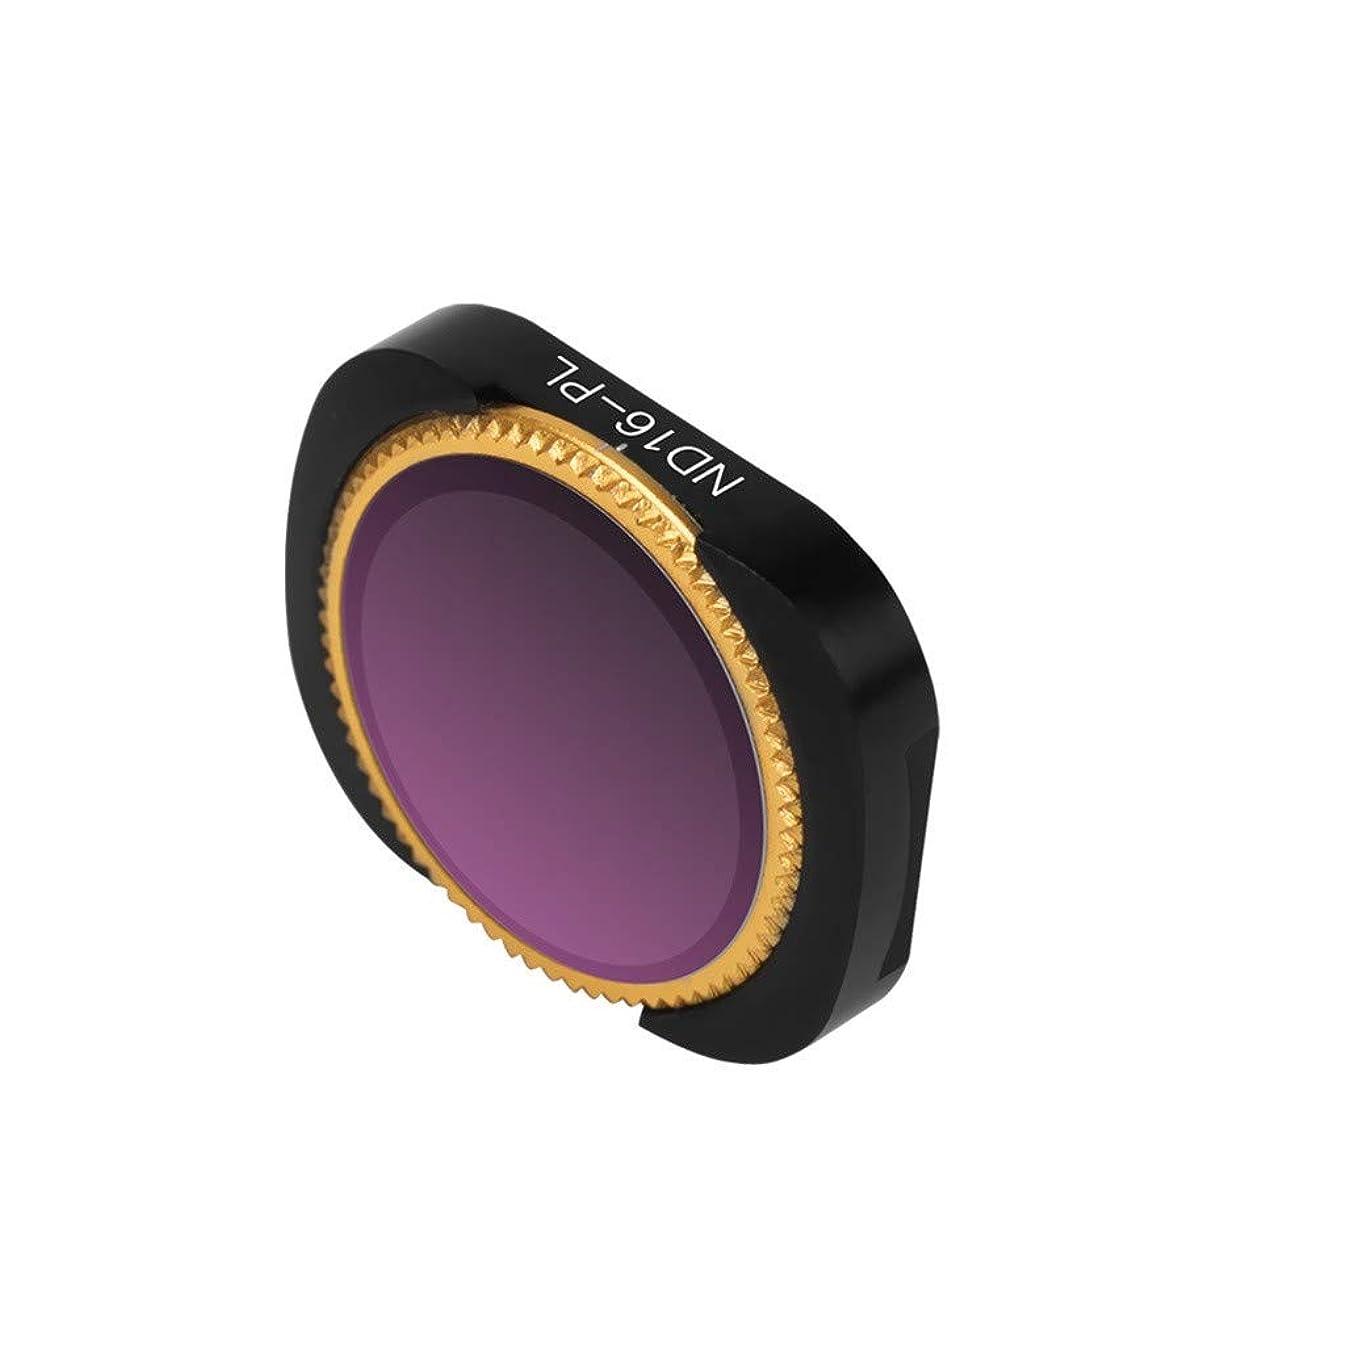 Yliquor Portable ND4-PL/ND8-PL/ND16-PL/ND32-PL/ND64-PL Angles Adjustable Camera Lens Filters for DJI OSMO Pocket (C)